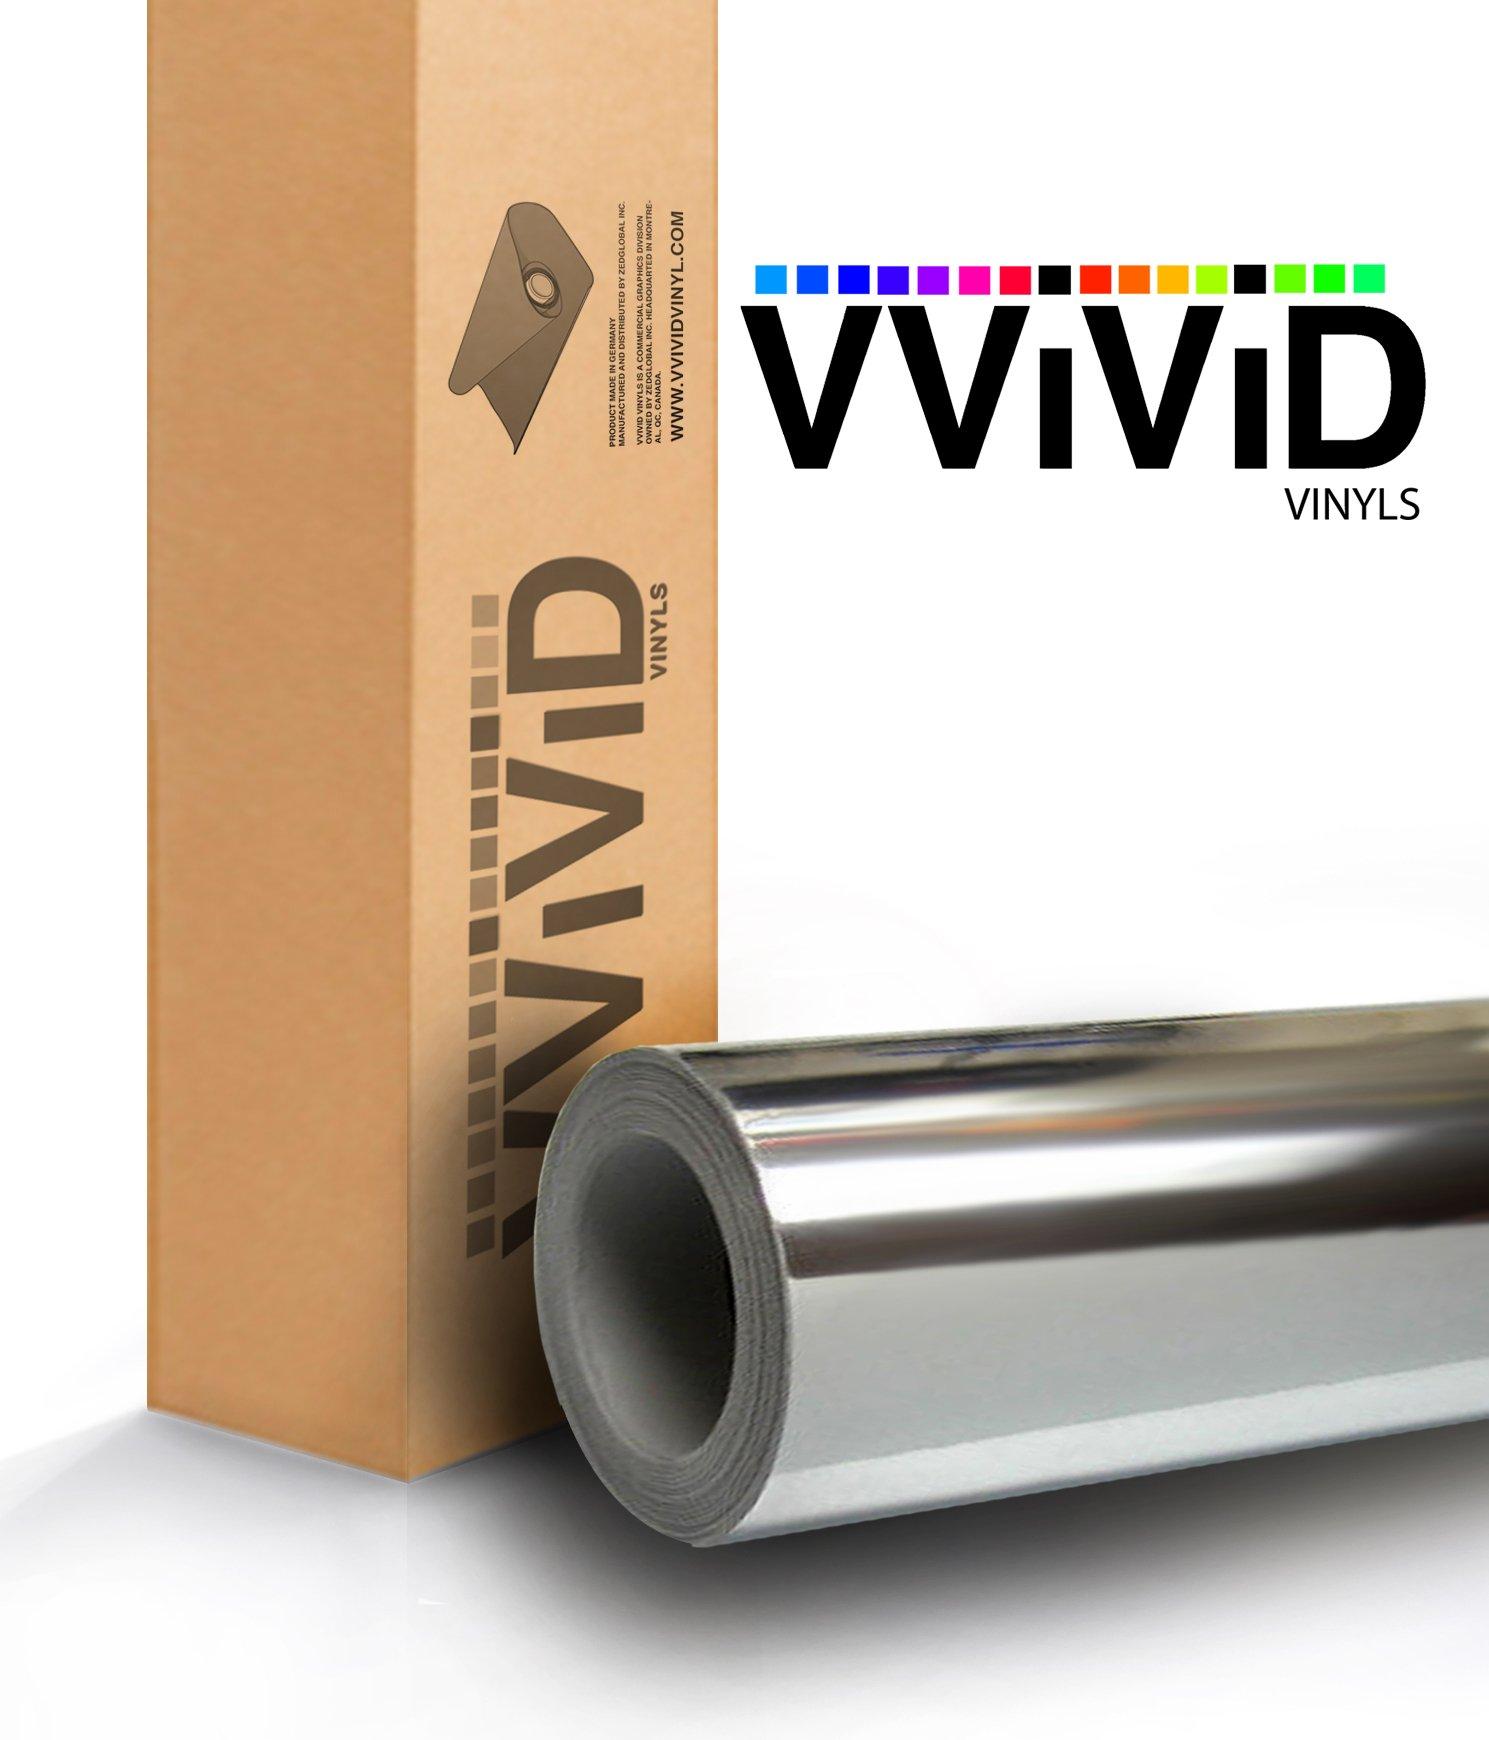 VViViD Gloss Chrome Silver Vinyl Wrap Adhesive Film Roll Air Release DIY Decal Sheet (60'' x 120'')